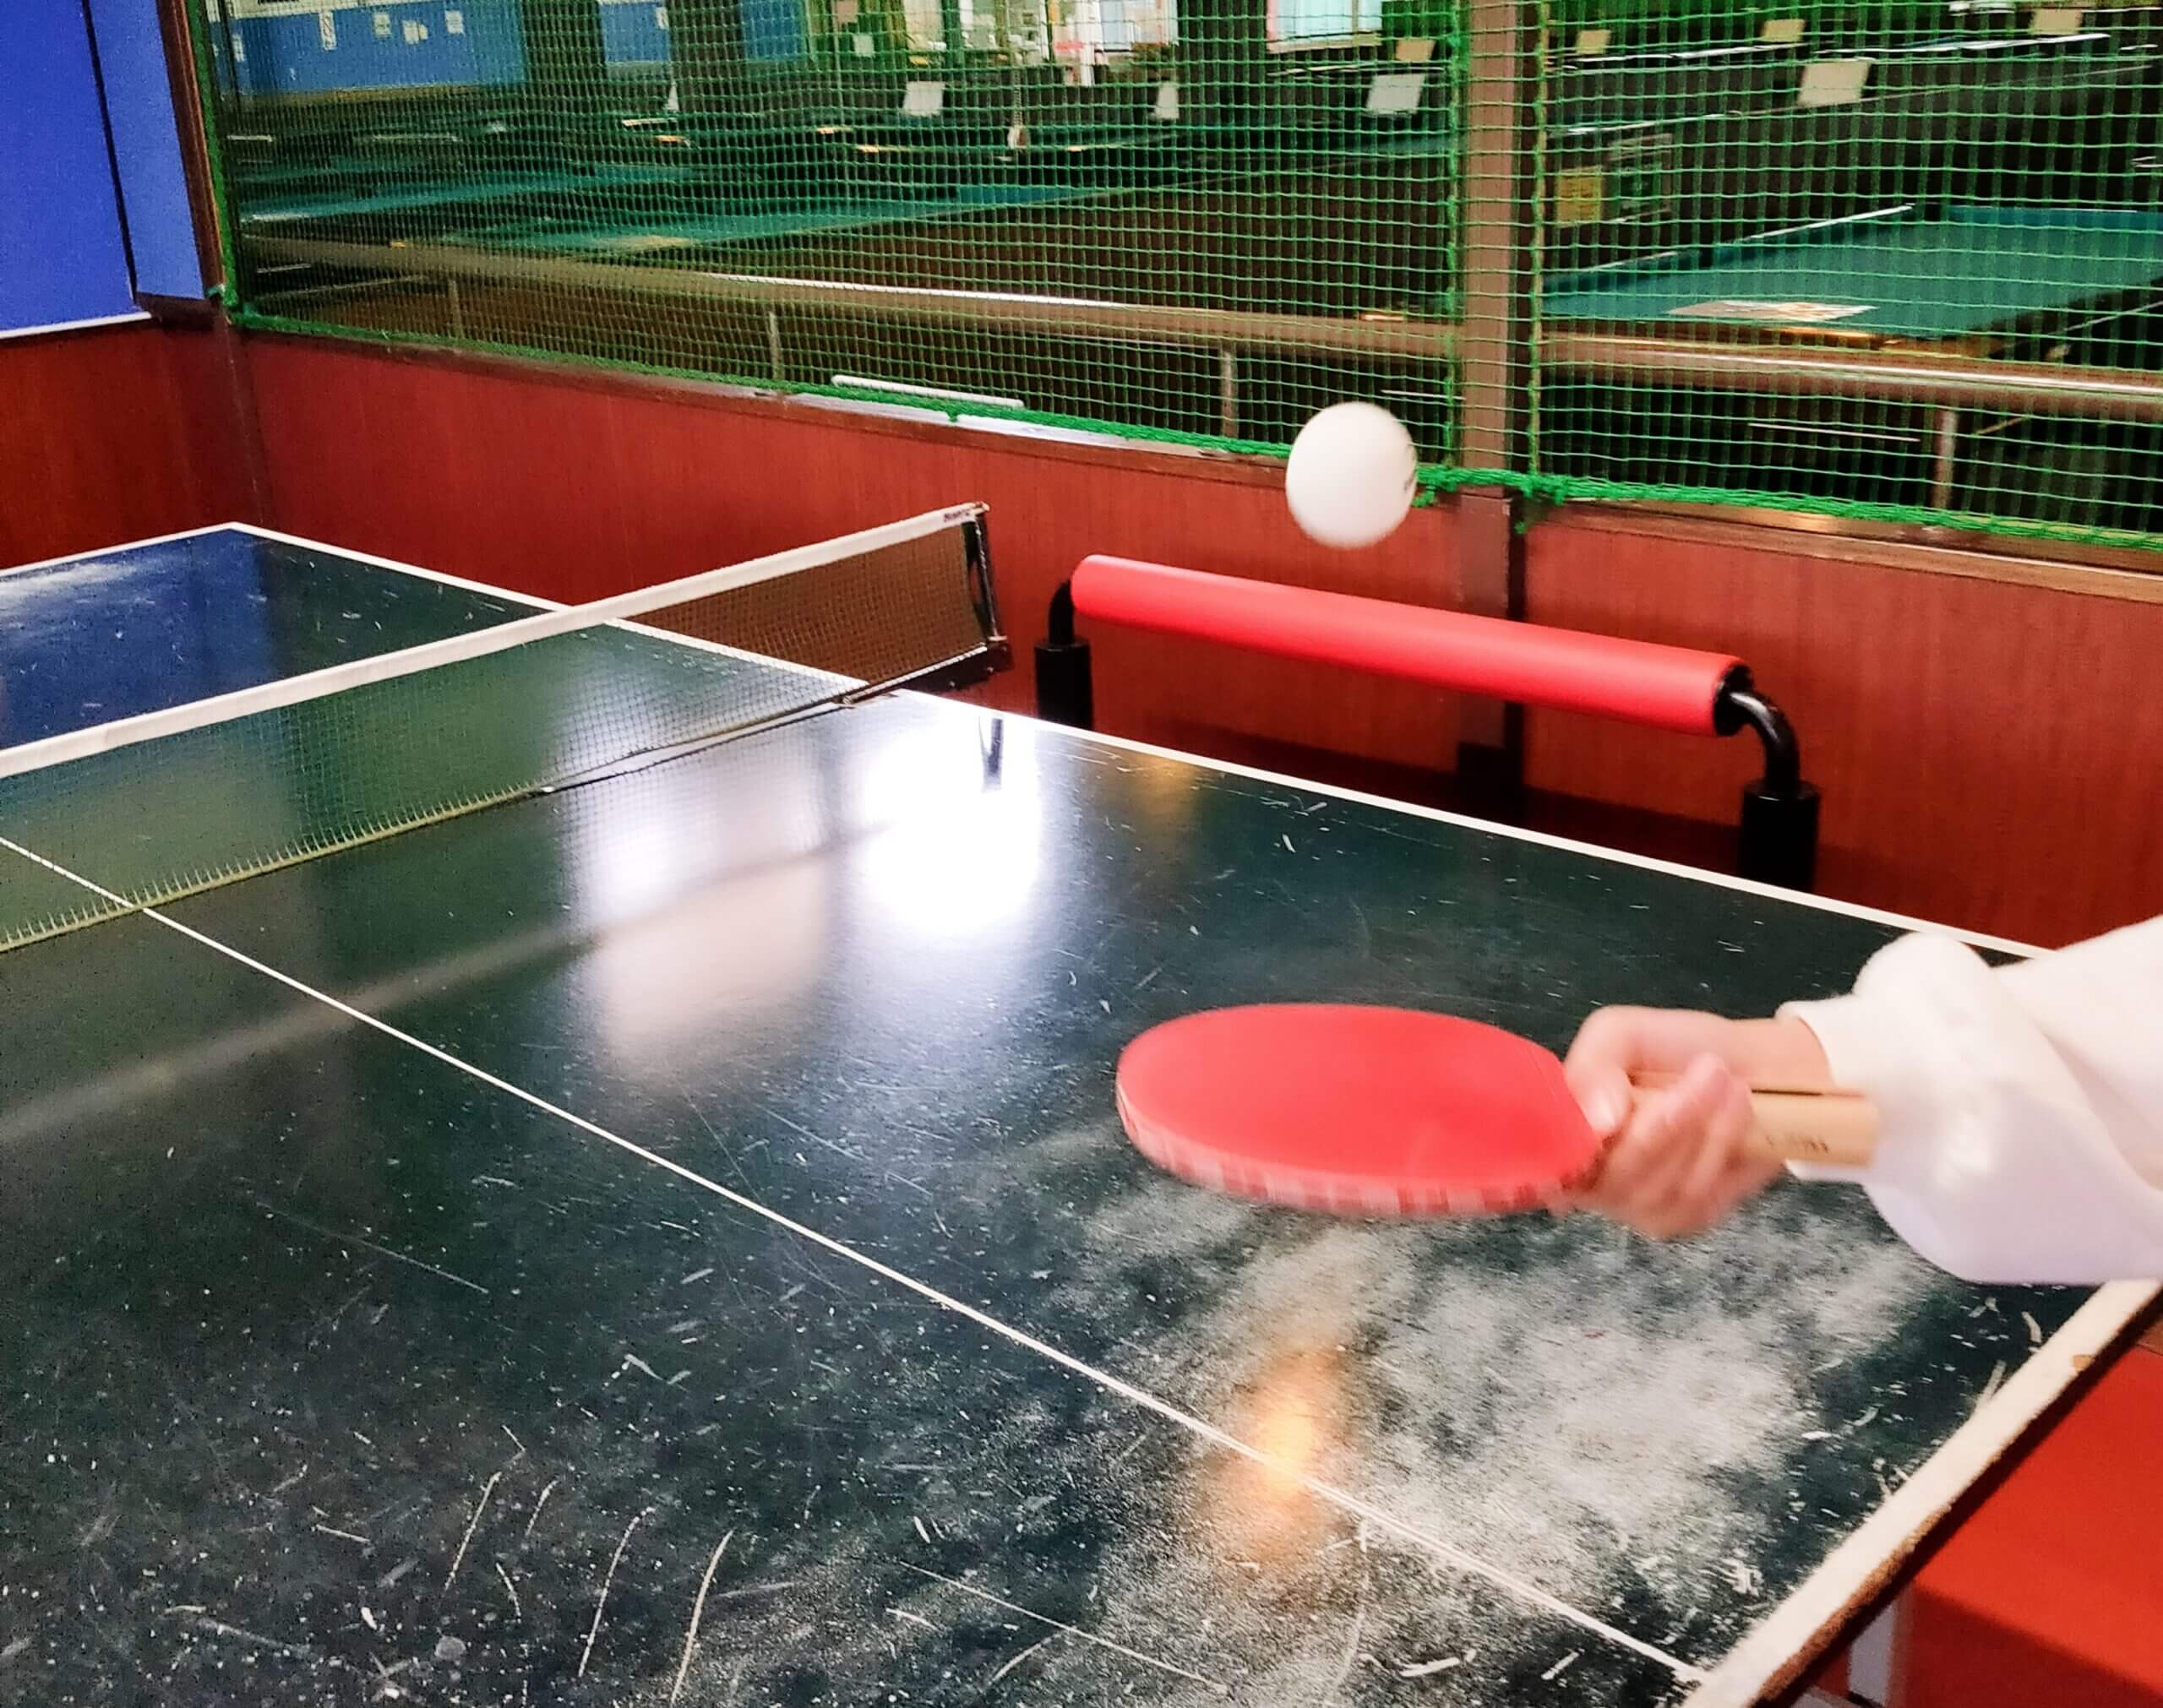 【スポーツスタジアムトウヤ 新外店】バッティングに卓球、ビリヤードなど♪親子のコミュニケーションやストレス発散にもってこい!《熊本市東区新外》